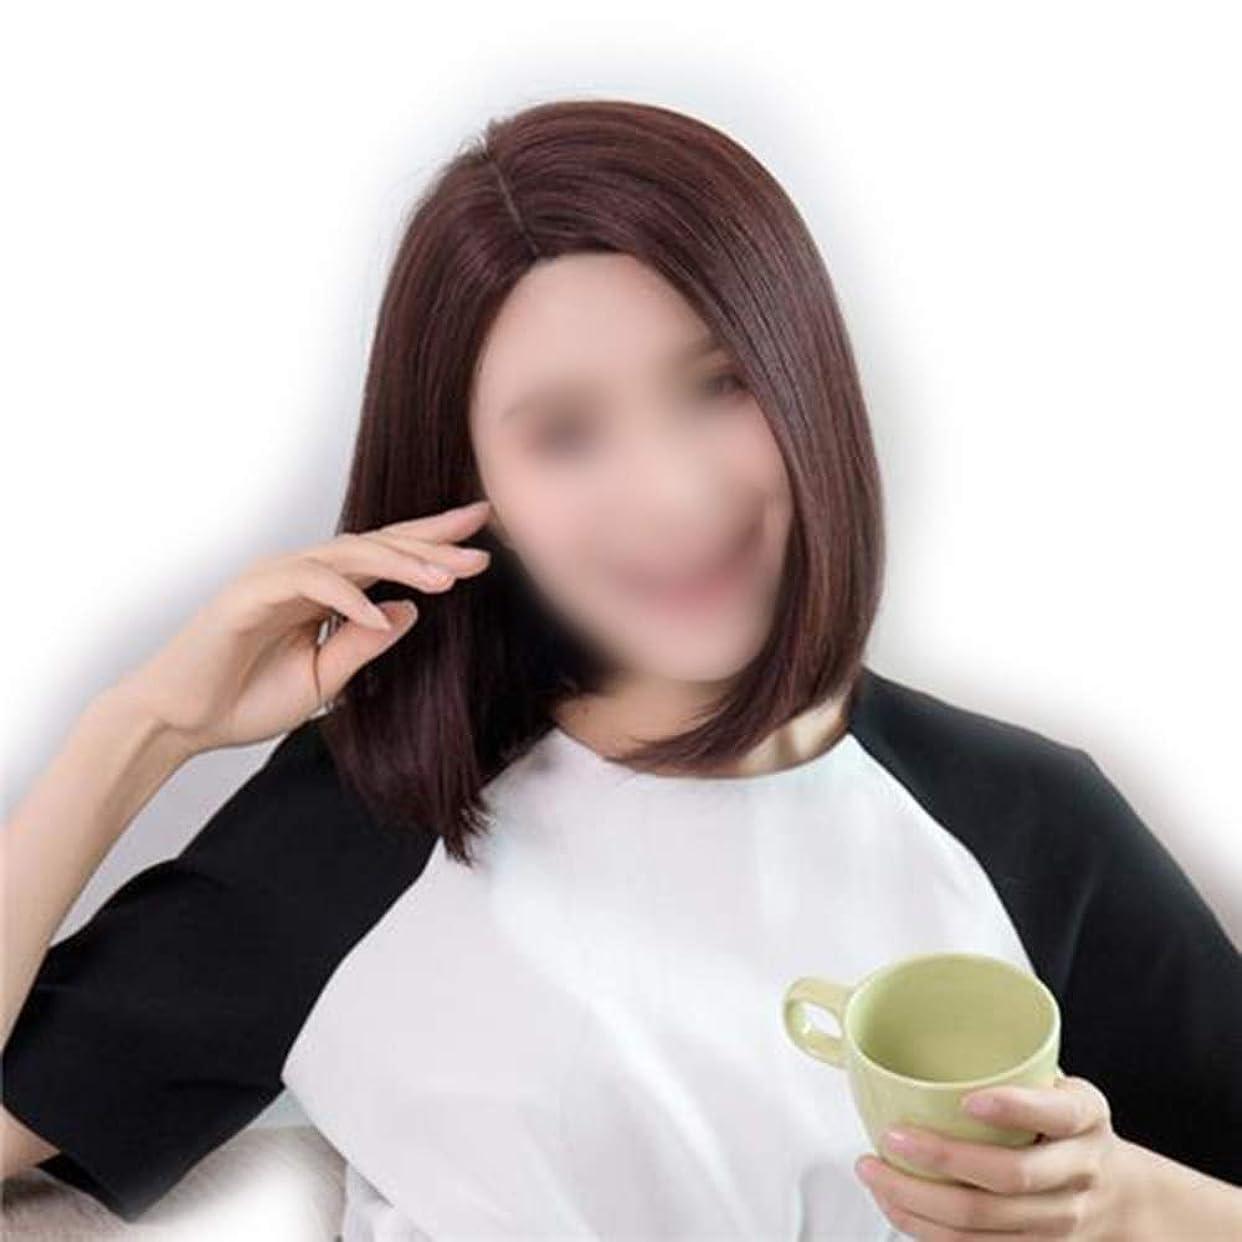 三角追放手書きYAHONGOE 女の子のボブショートヘアリアルヘアウィッグバックルミドルロングストレートヘアペアーヘッドウィッグファッションウィッグ (色 : Dark brown)